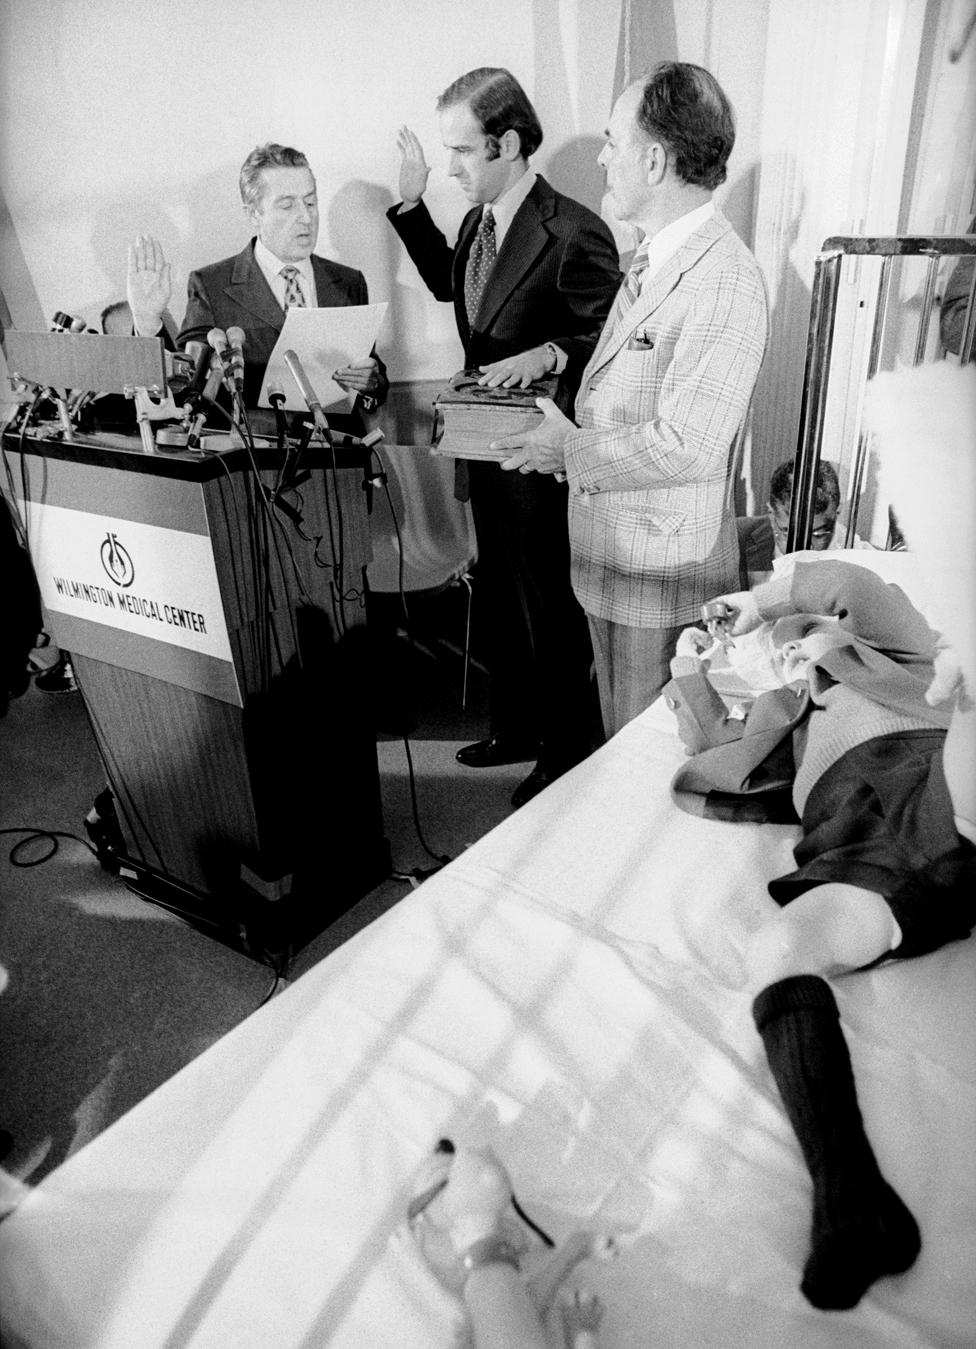 Senator Joseph Biden takes the oath of office in a hospital room